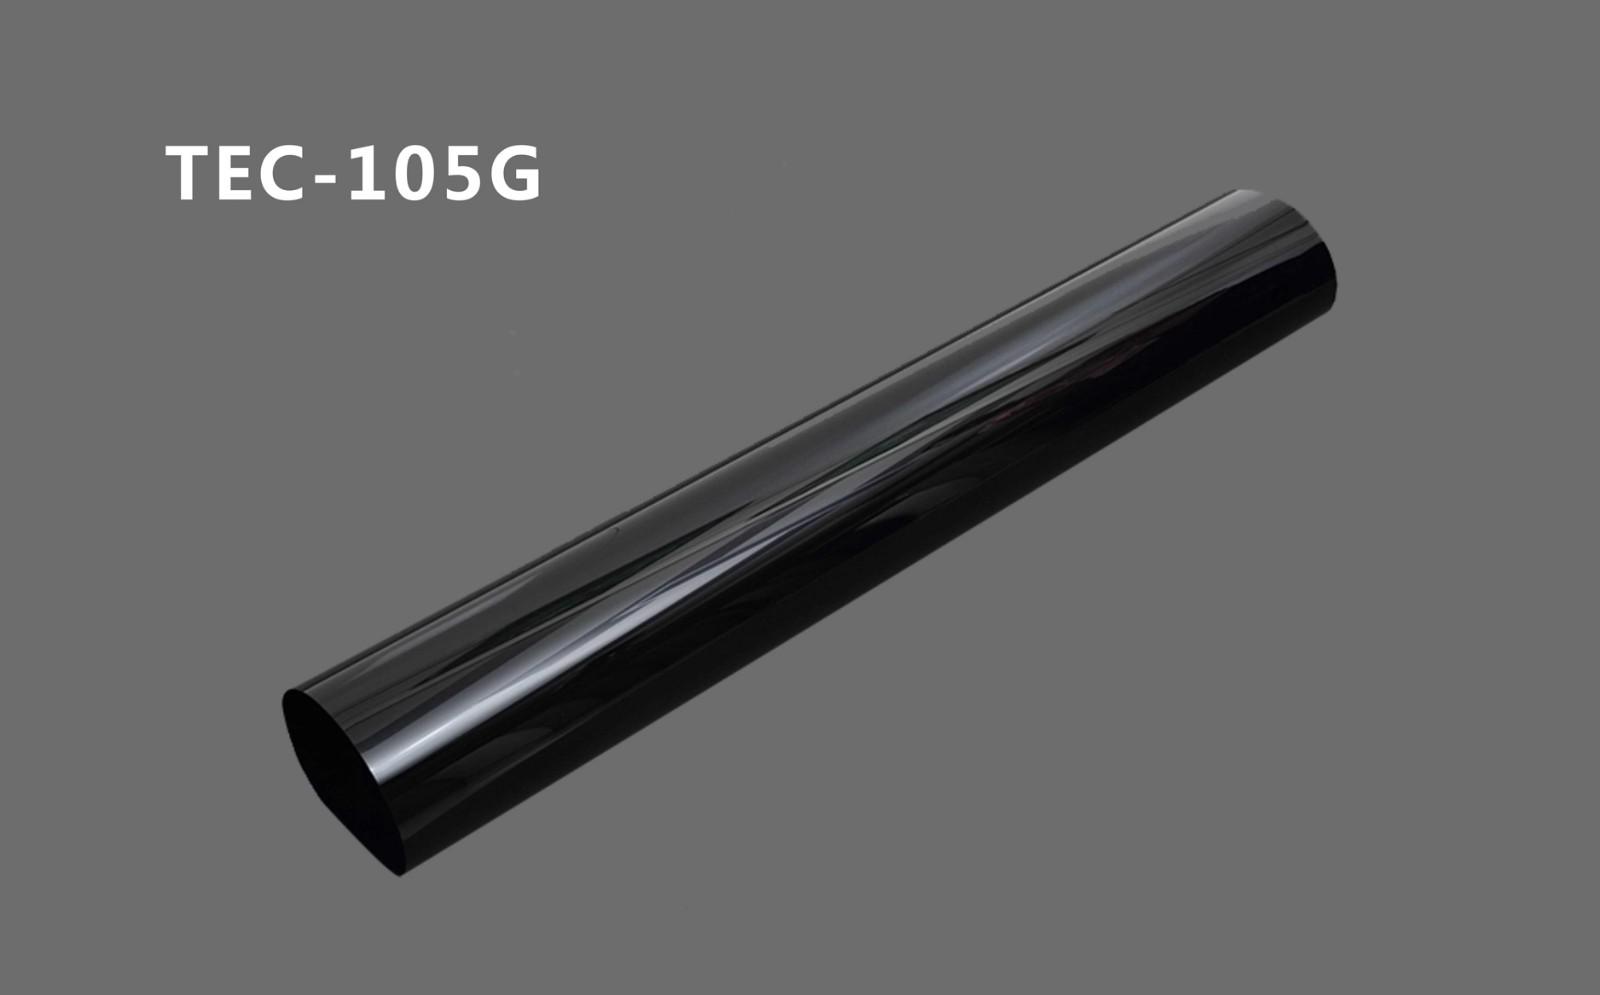 TEC-105G